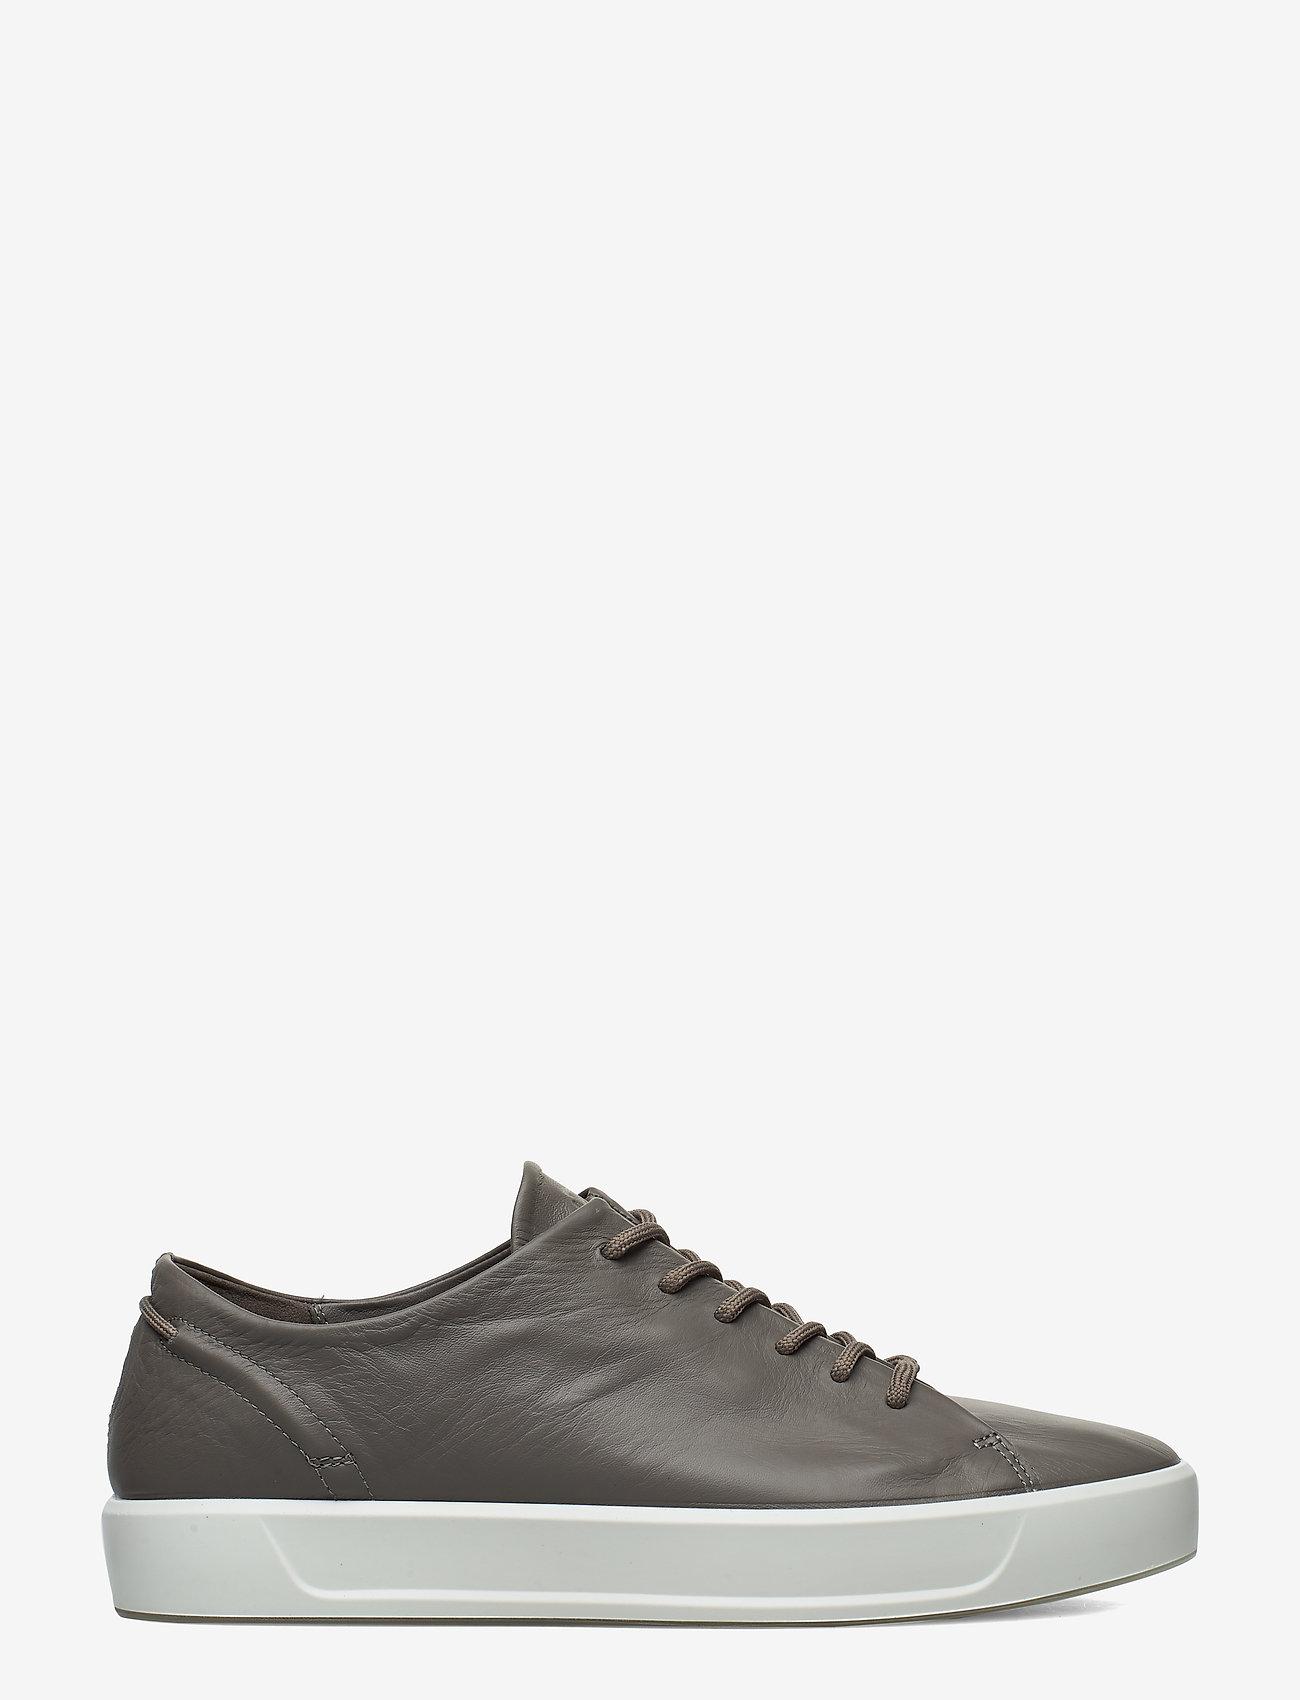 Warm Grey) (98 €) - ECCO - | Boozt